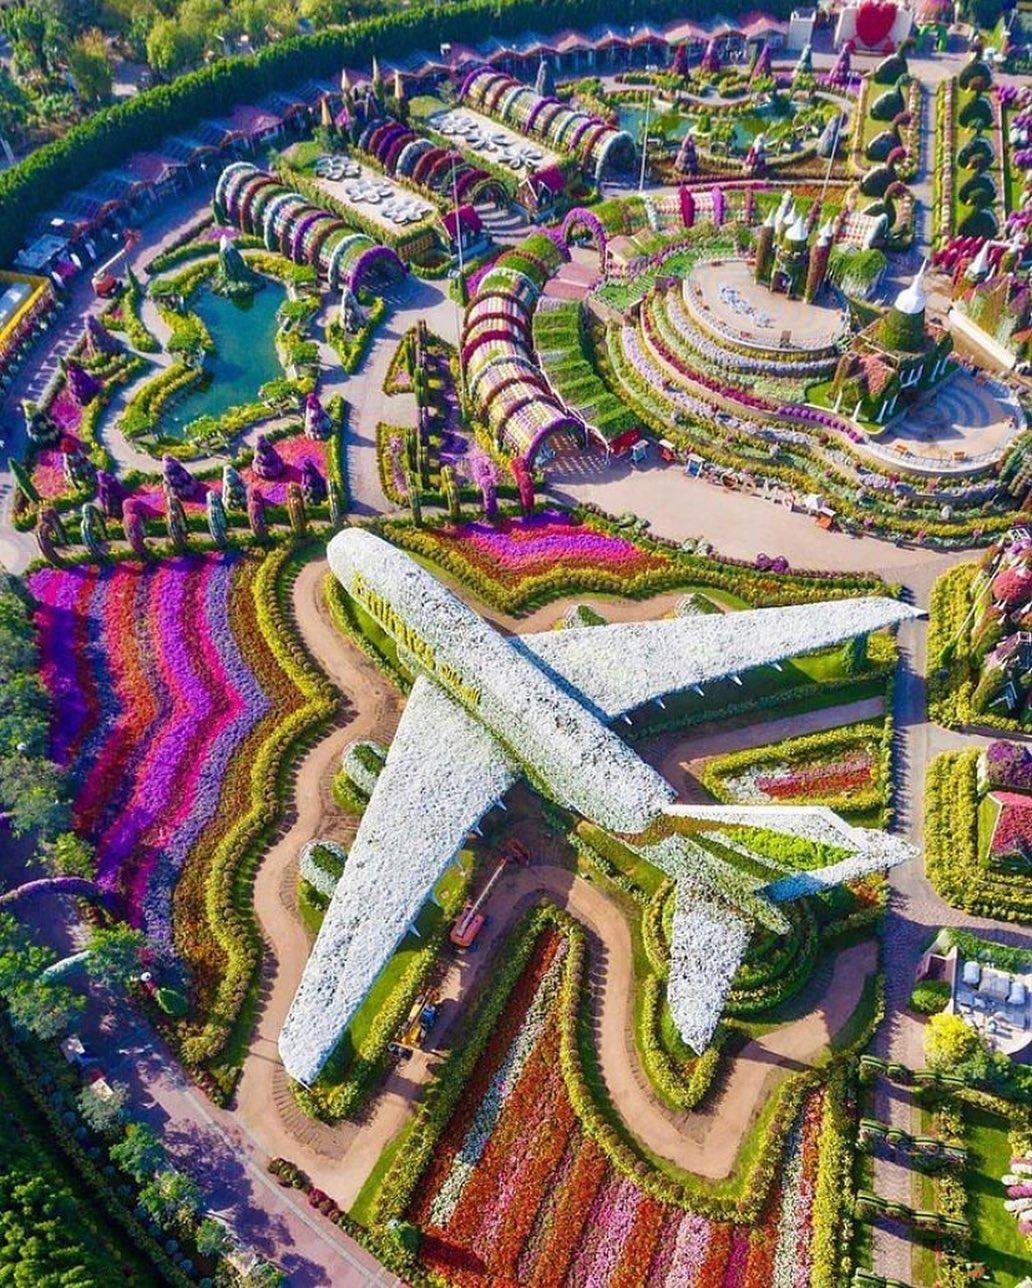 nhung-con-so-khung-o-khu-vuon-ki-dieu-tai-Dubai-ivivu-8